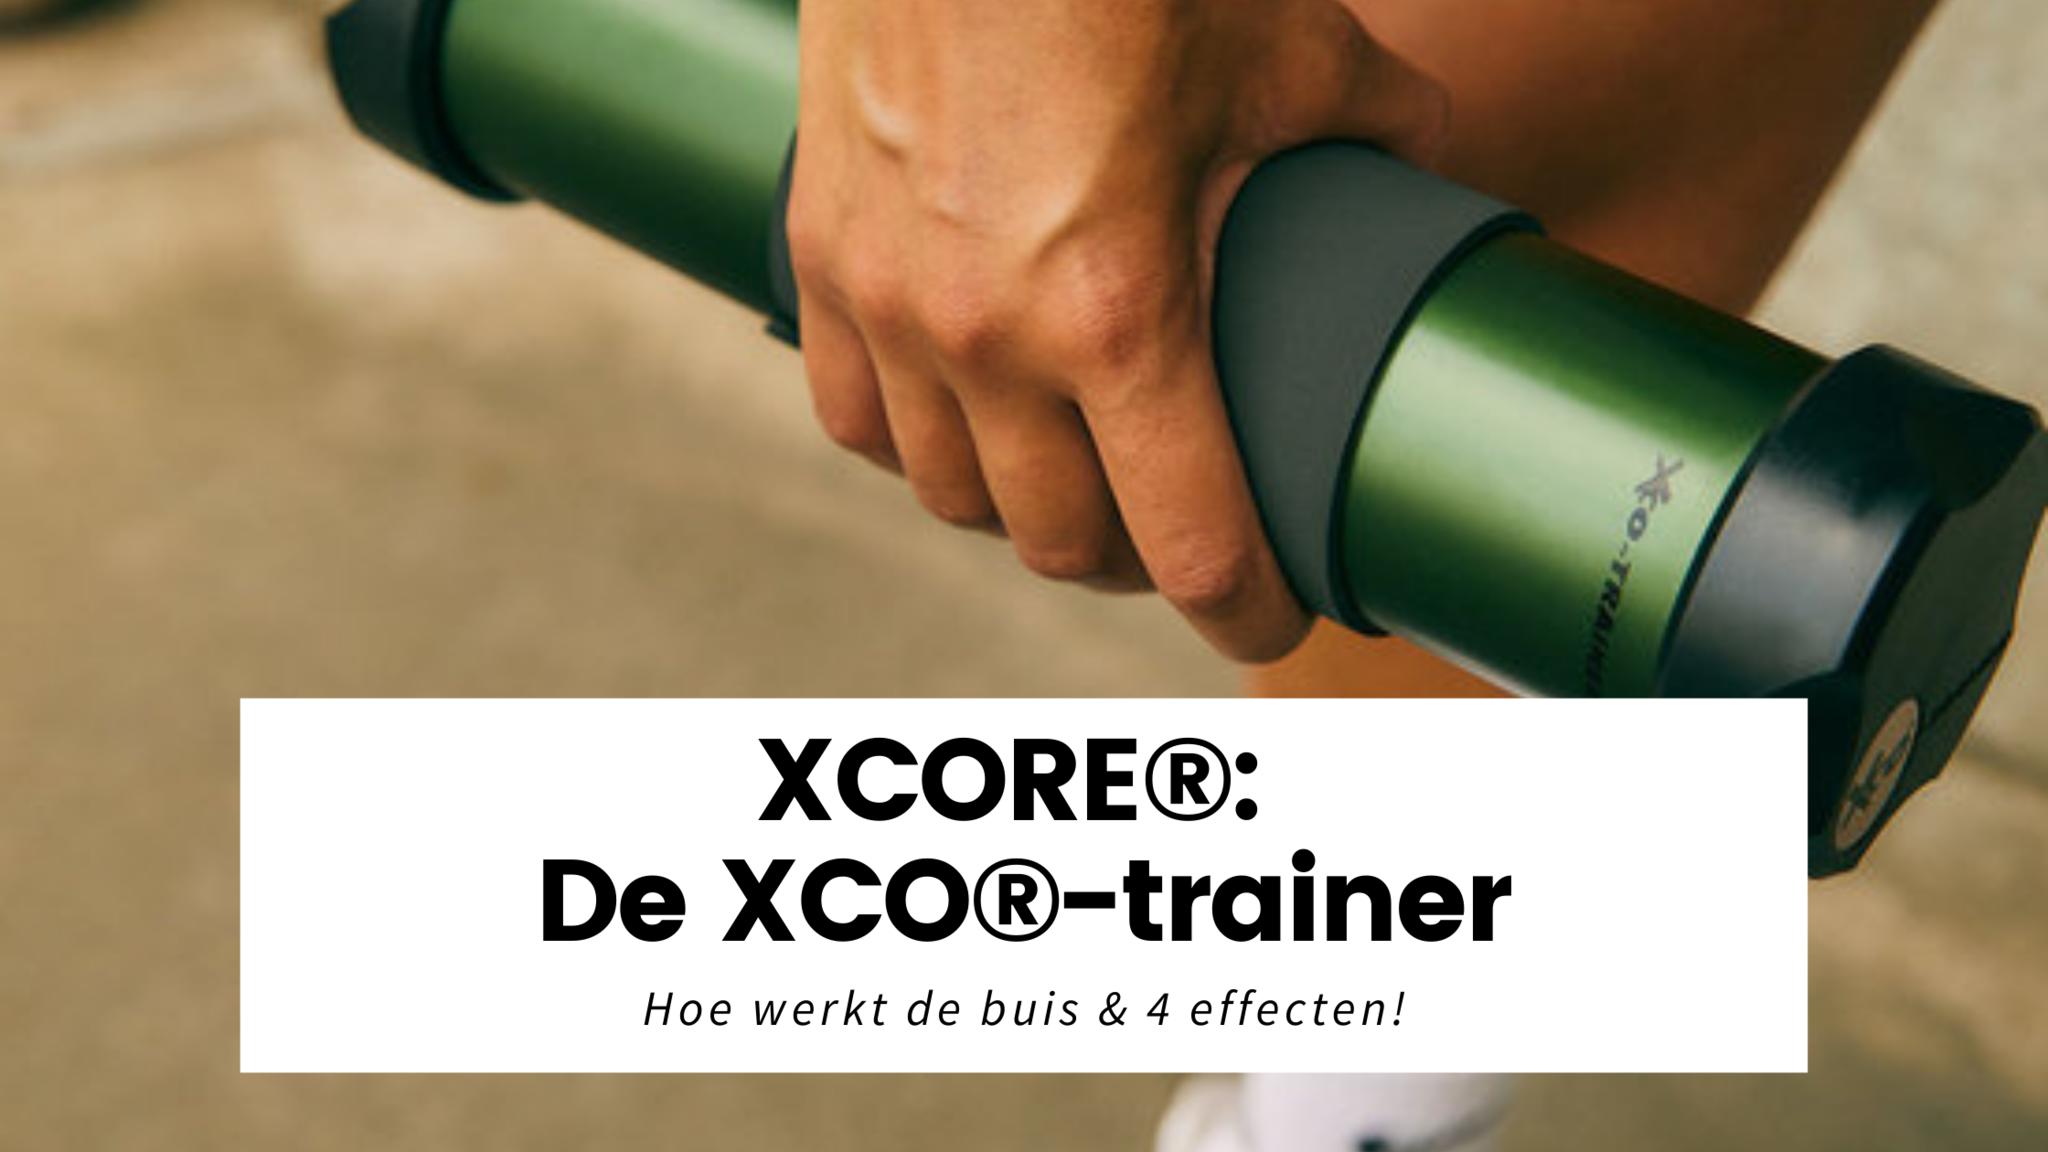 About XCORE®: Wat is de XCO®-trainer? & 4 effecten